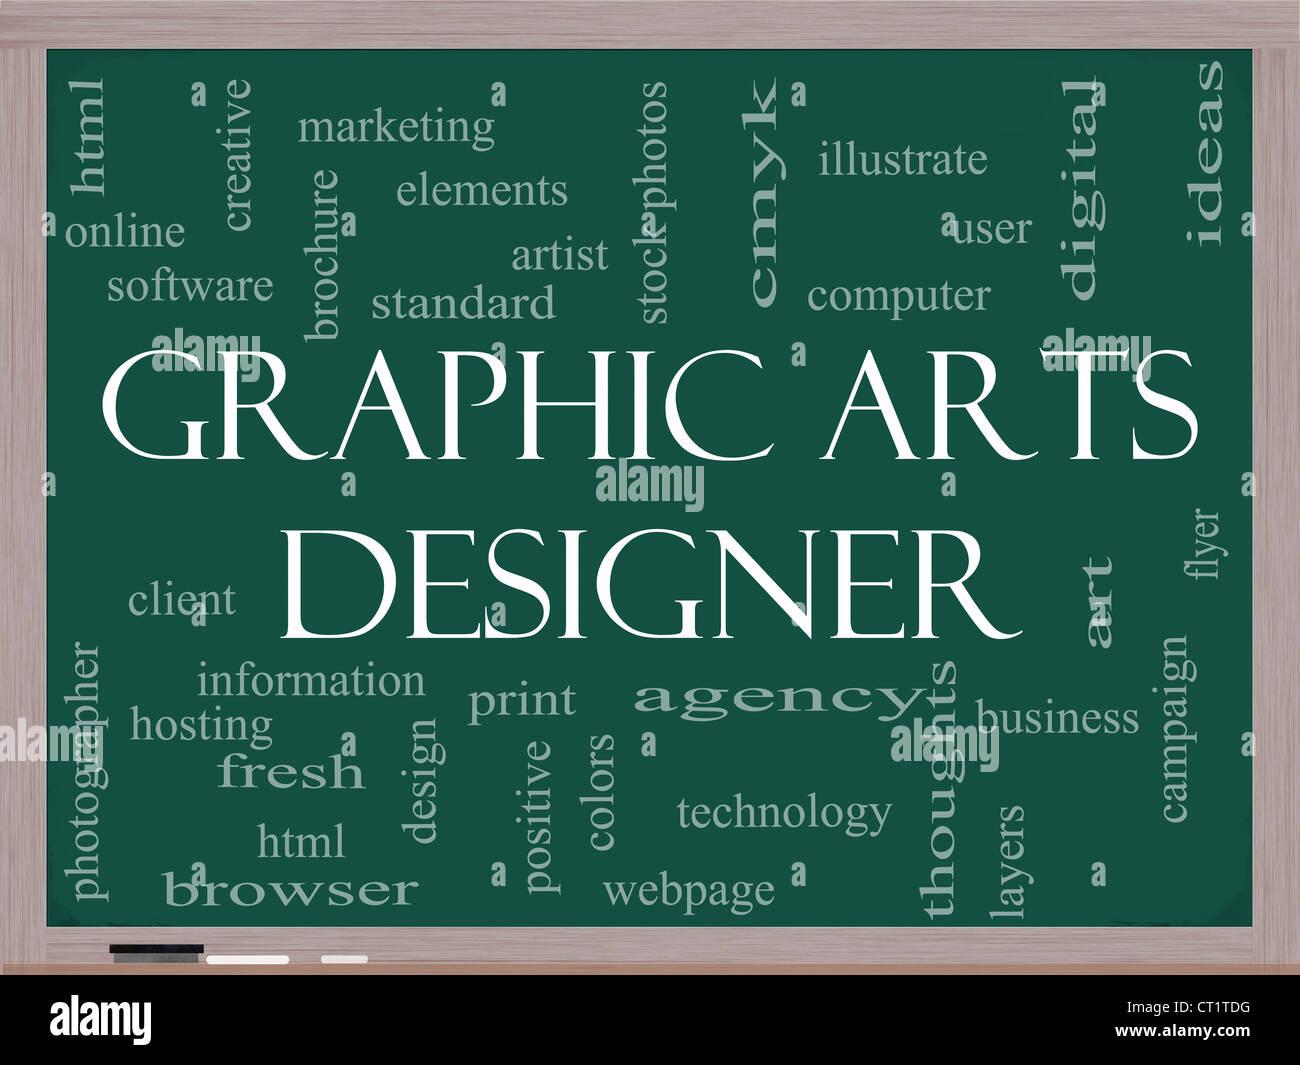 Grafik Designer Word Cloud-Konzept auf einer Tafel mit großen Begriffe wie Software, html, Client, Design und Stockbild